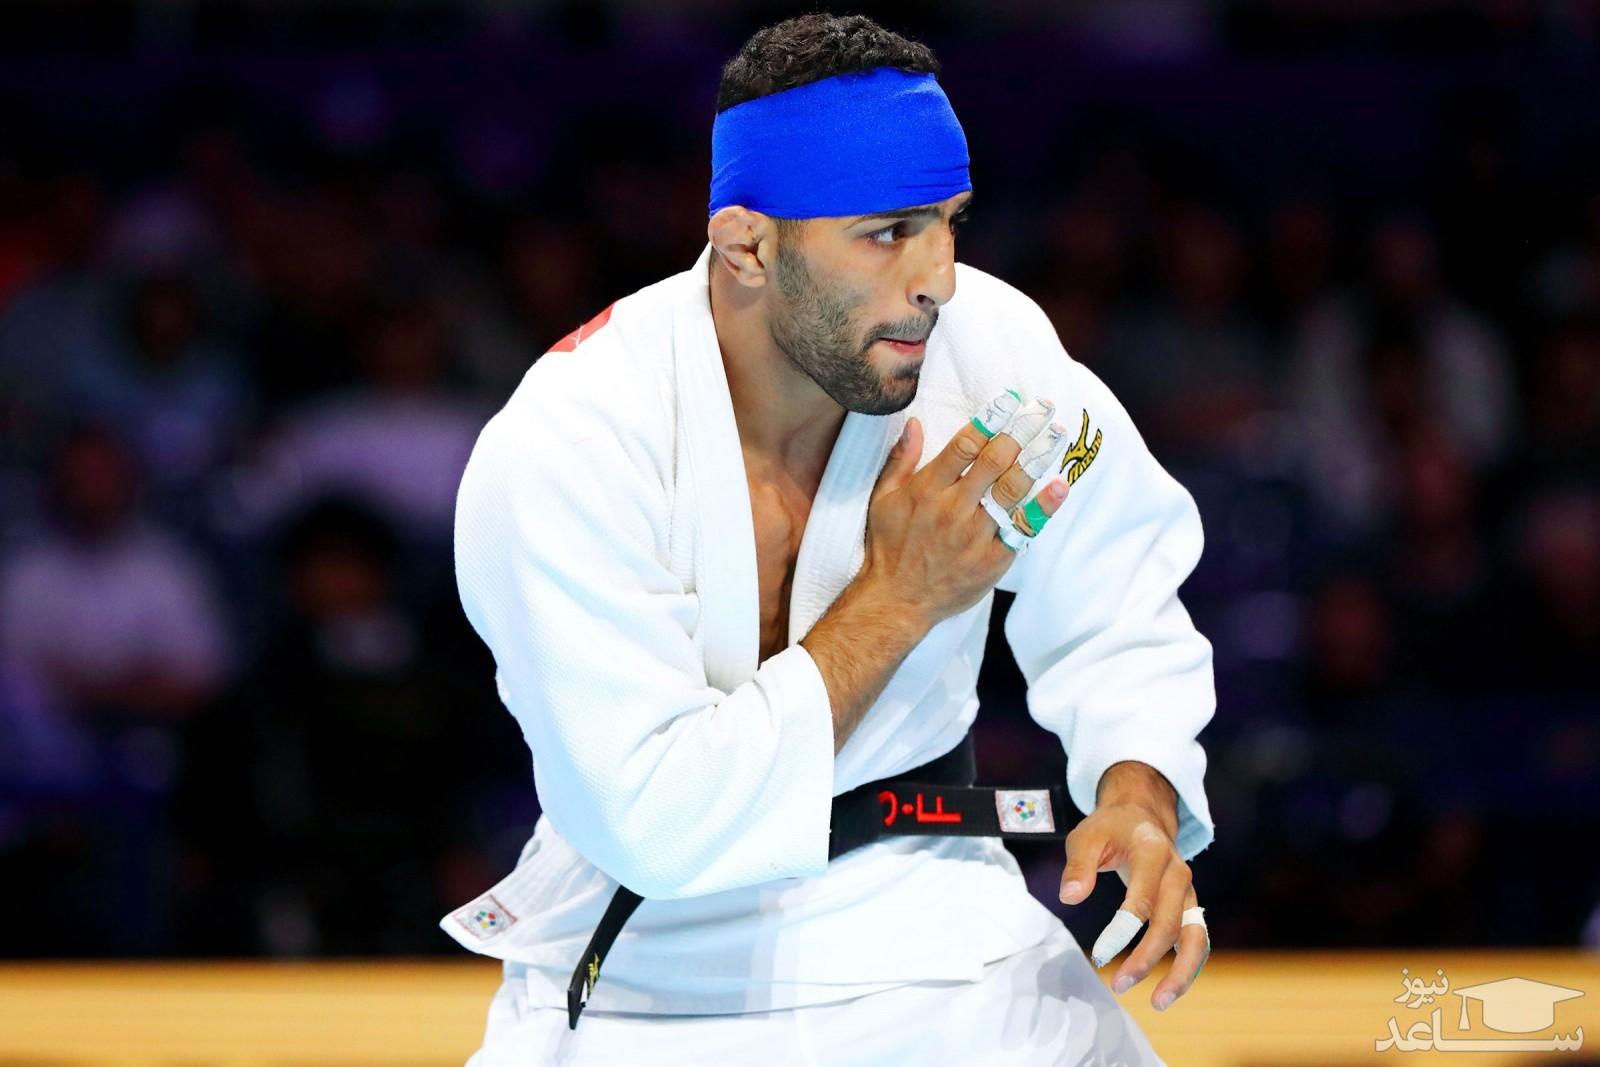 جنجال در حد المپیک: مدالم را به مردم شریف اسرائیل تقدیم می کنم!